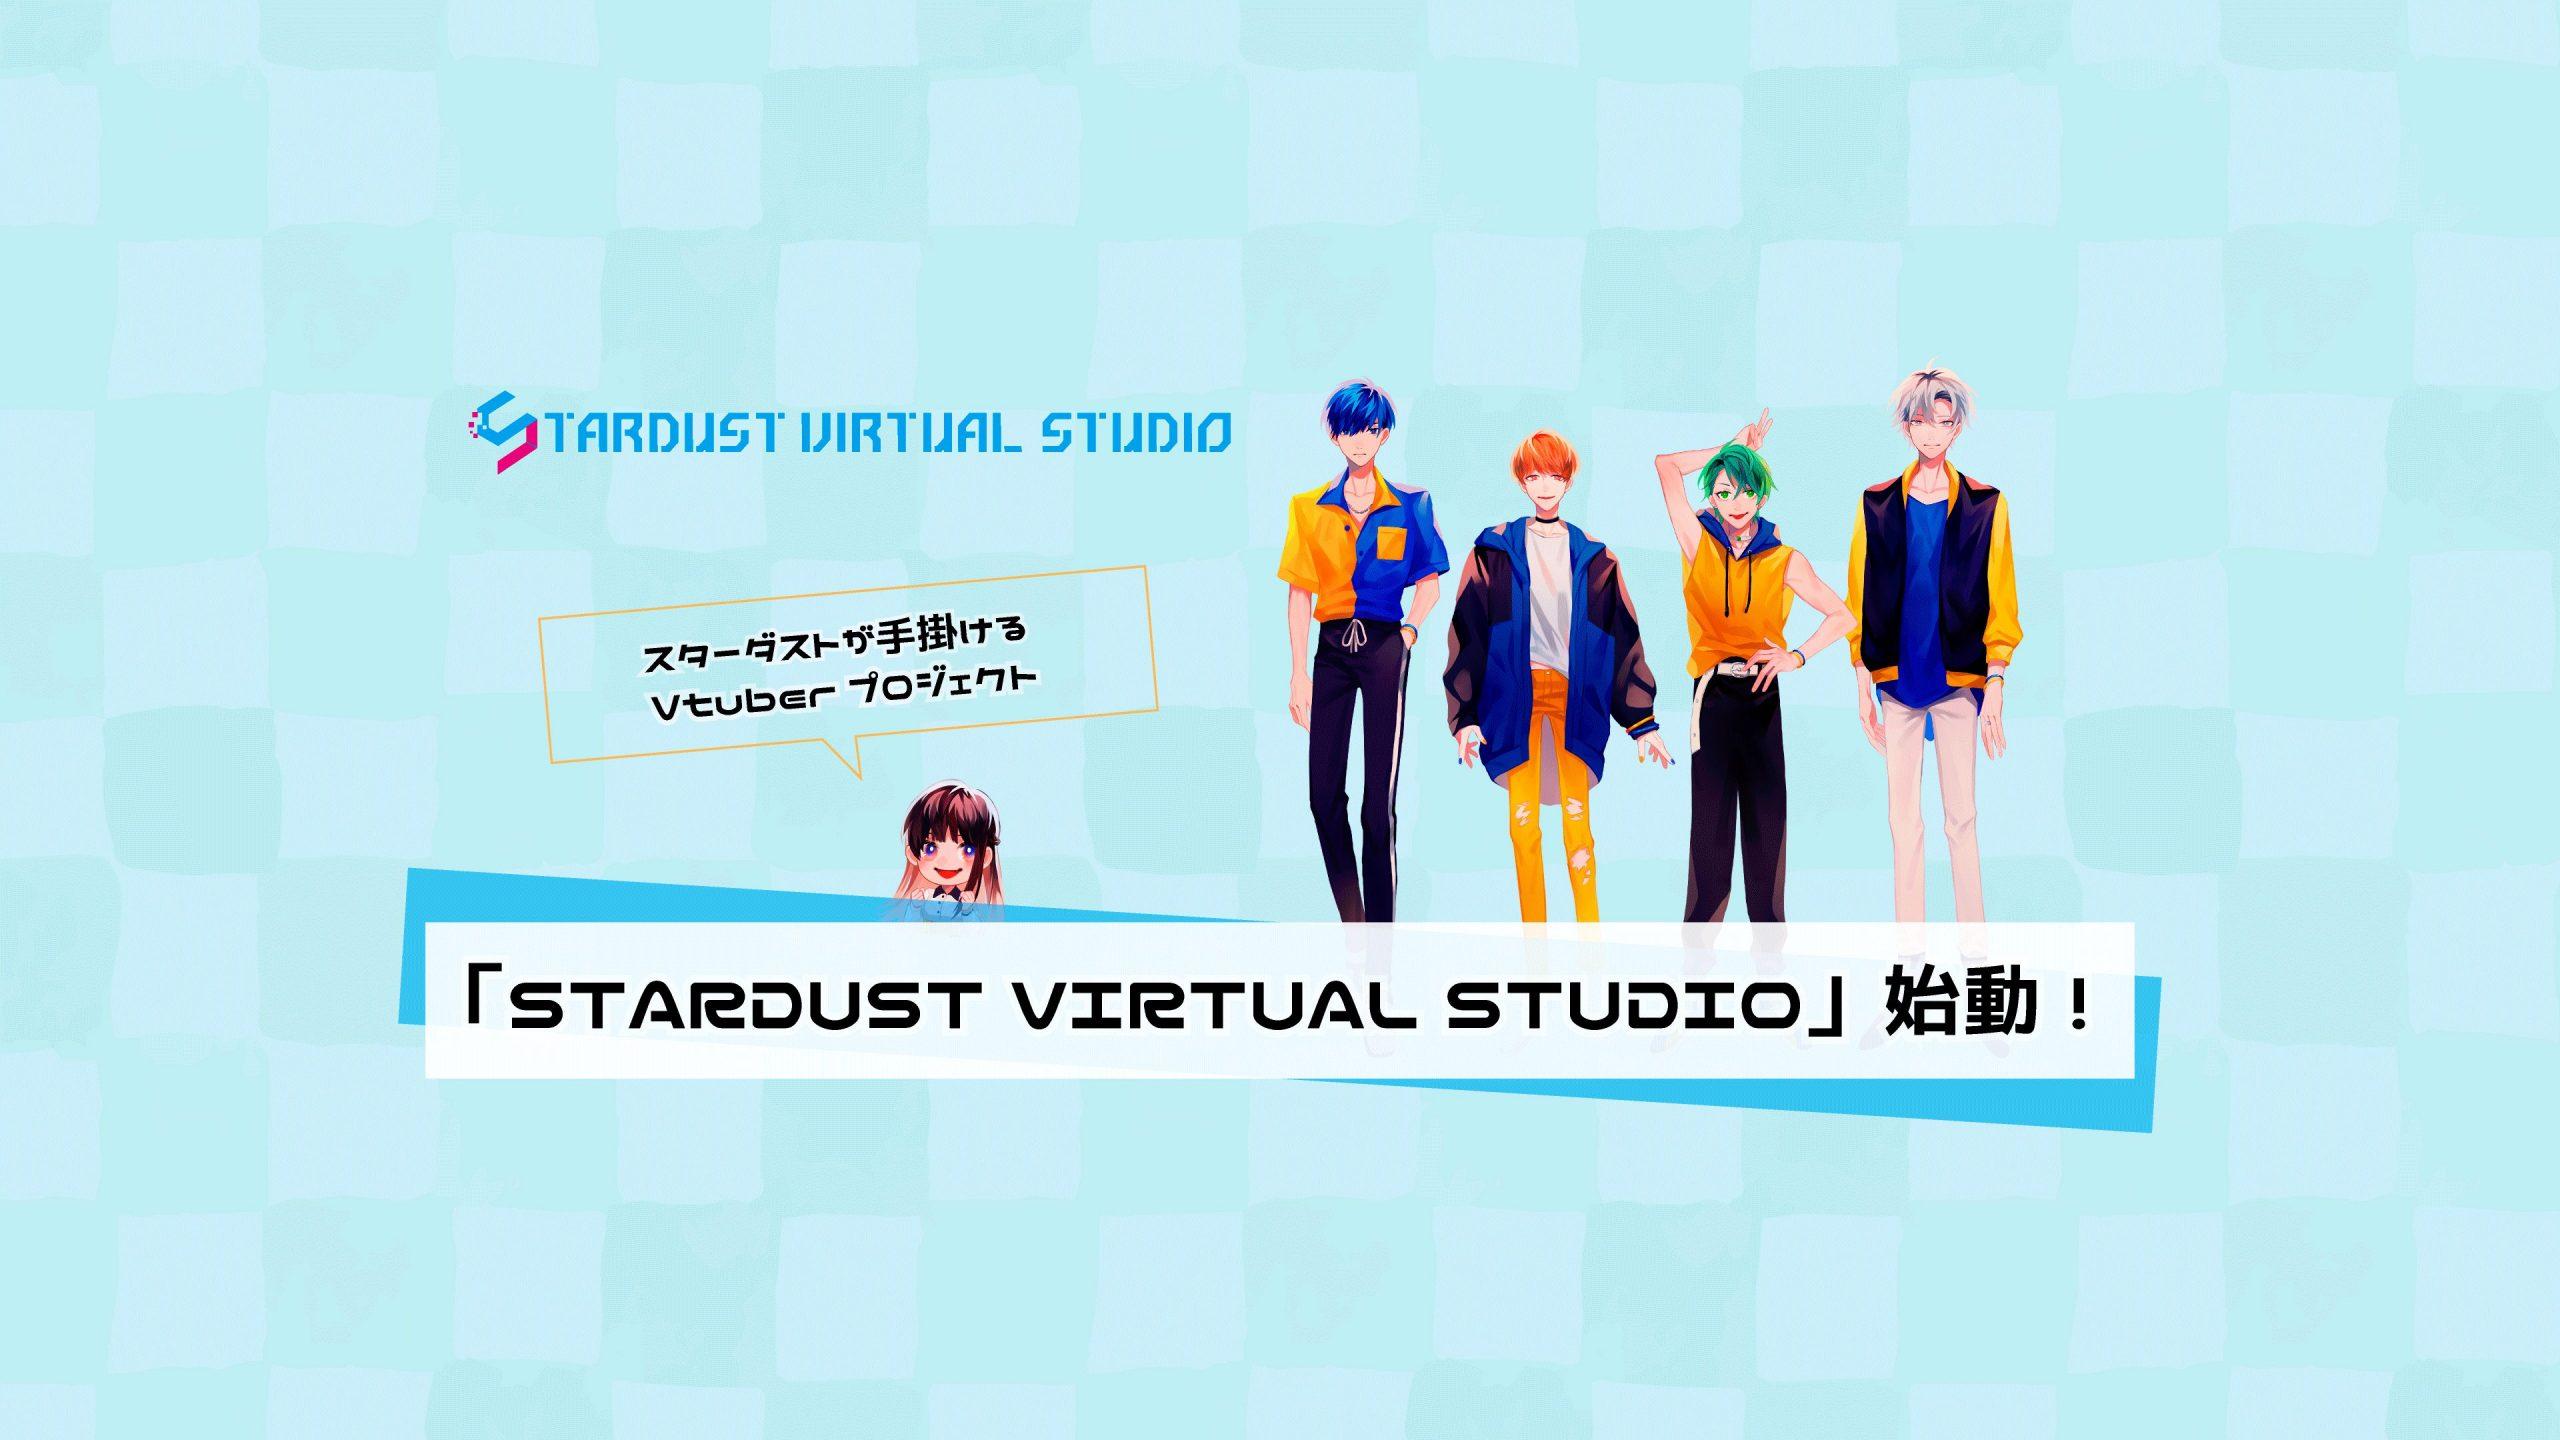 スターダストプロモーションが手掛けるバーチャルタレント事業 【STARDUST VIRTUAL STUDIO】 始動!